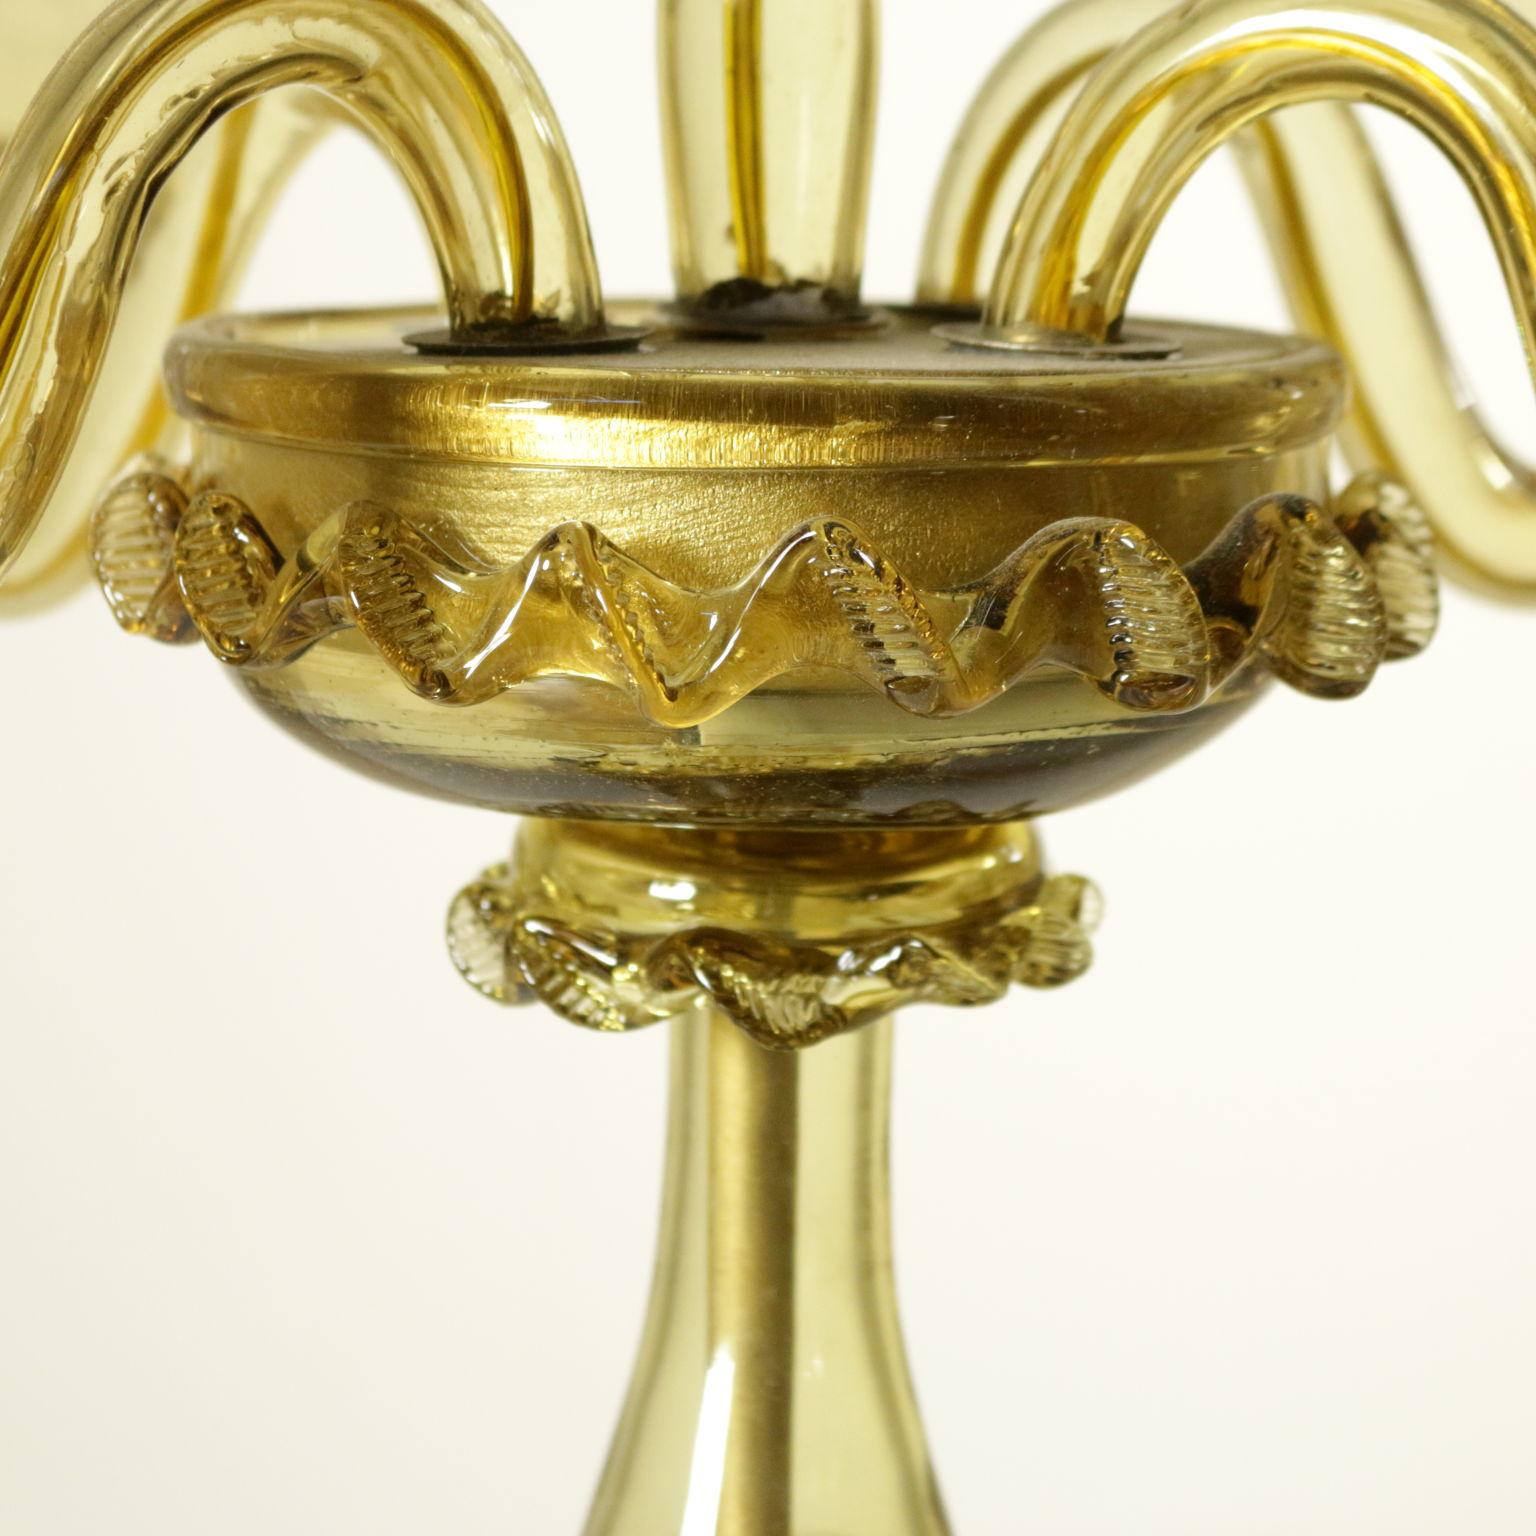 Coppia di lampade da tavolo illuminazione bottega del 900 - Lampade da tavolo particolari ...